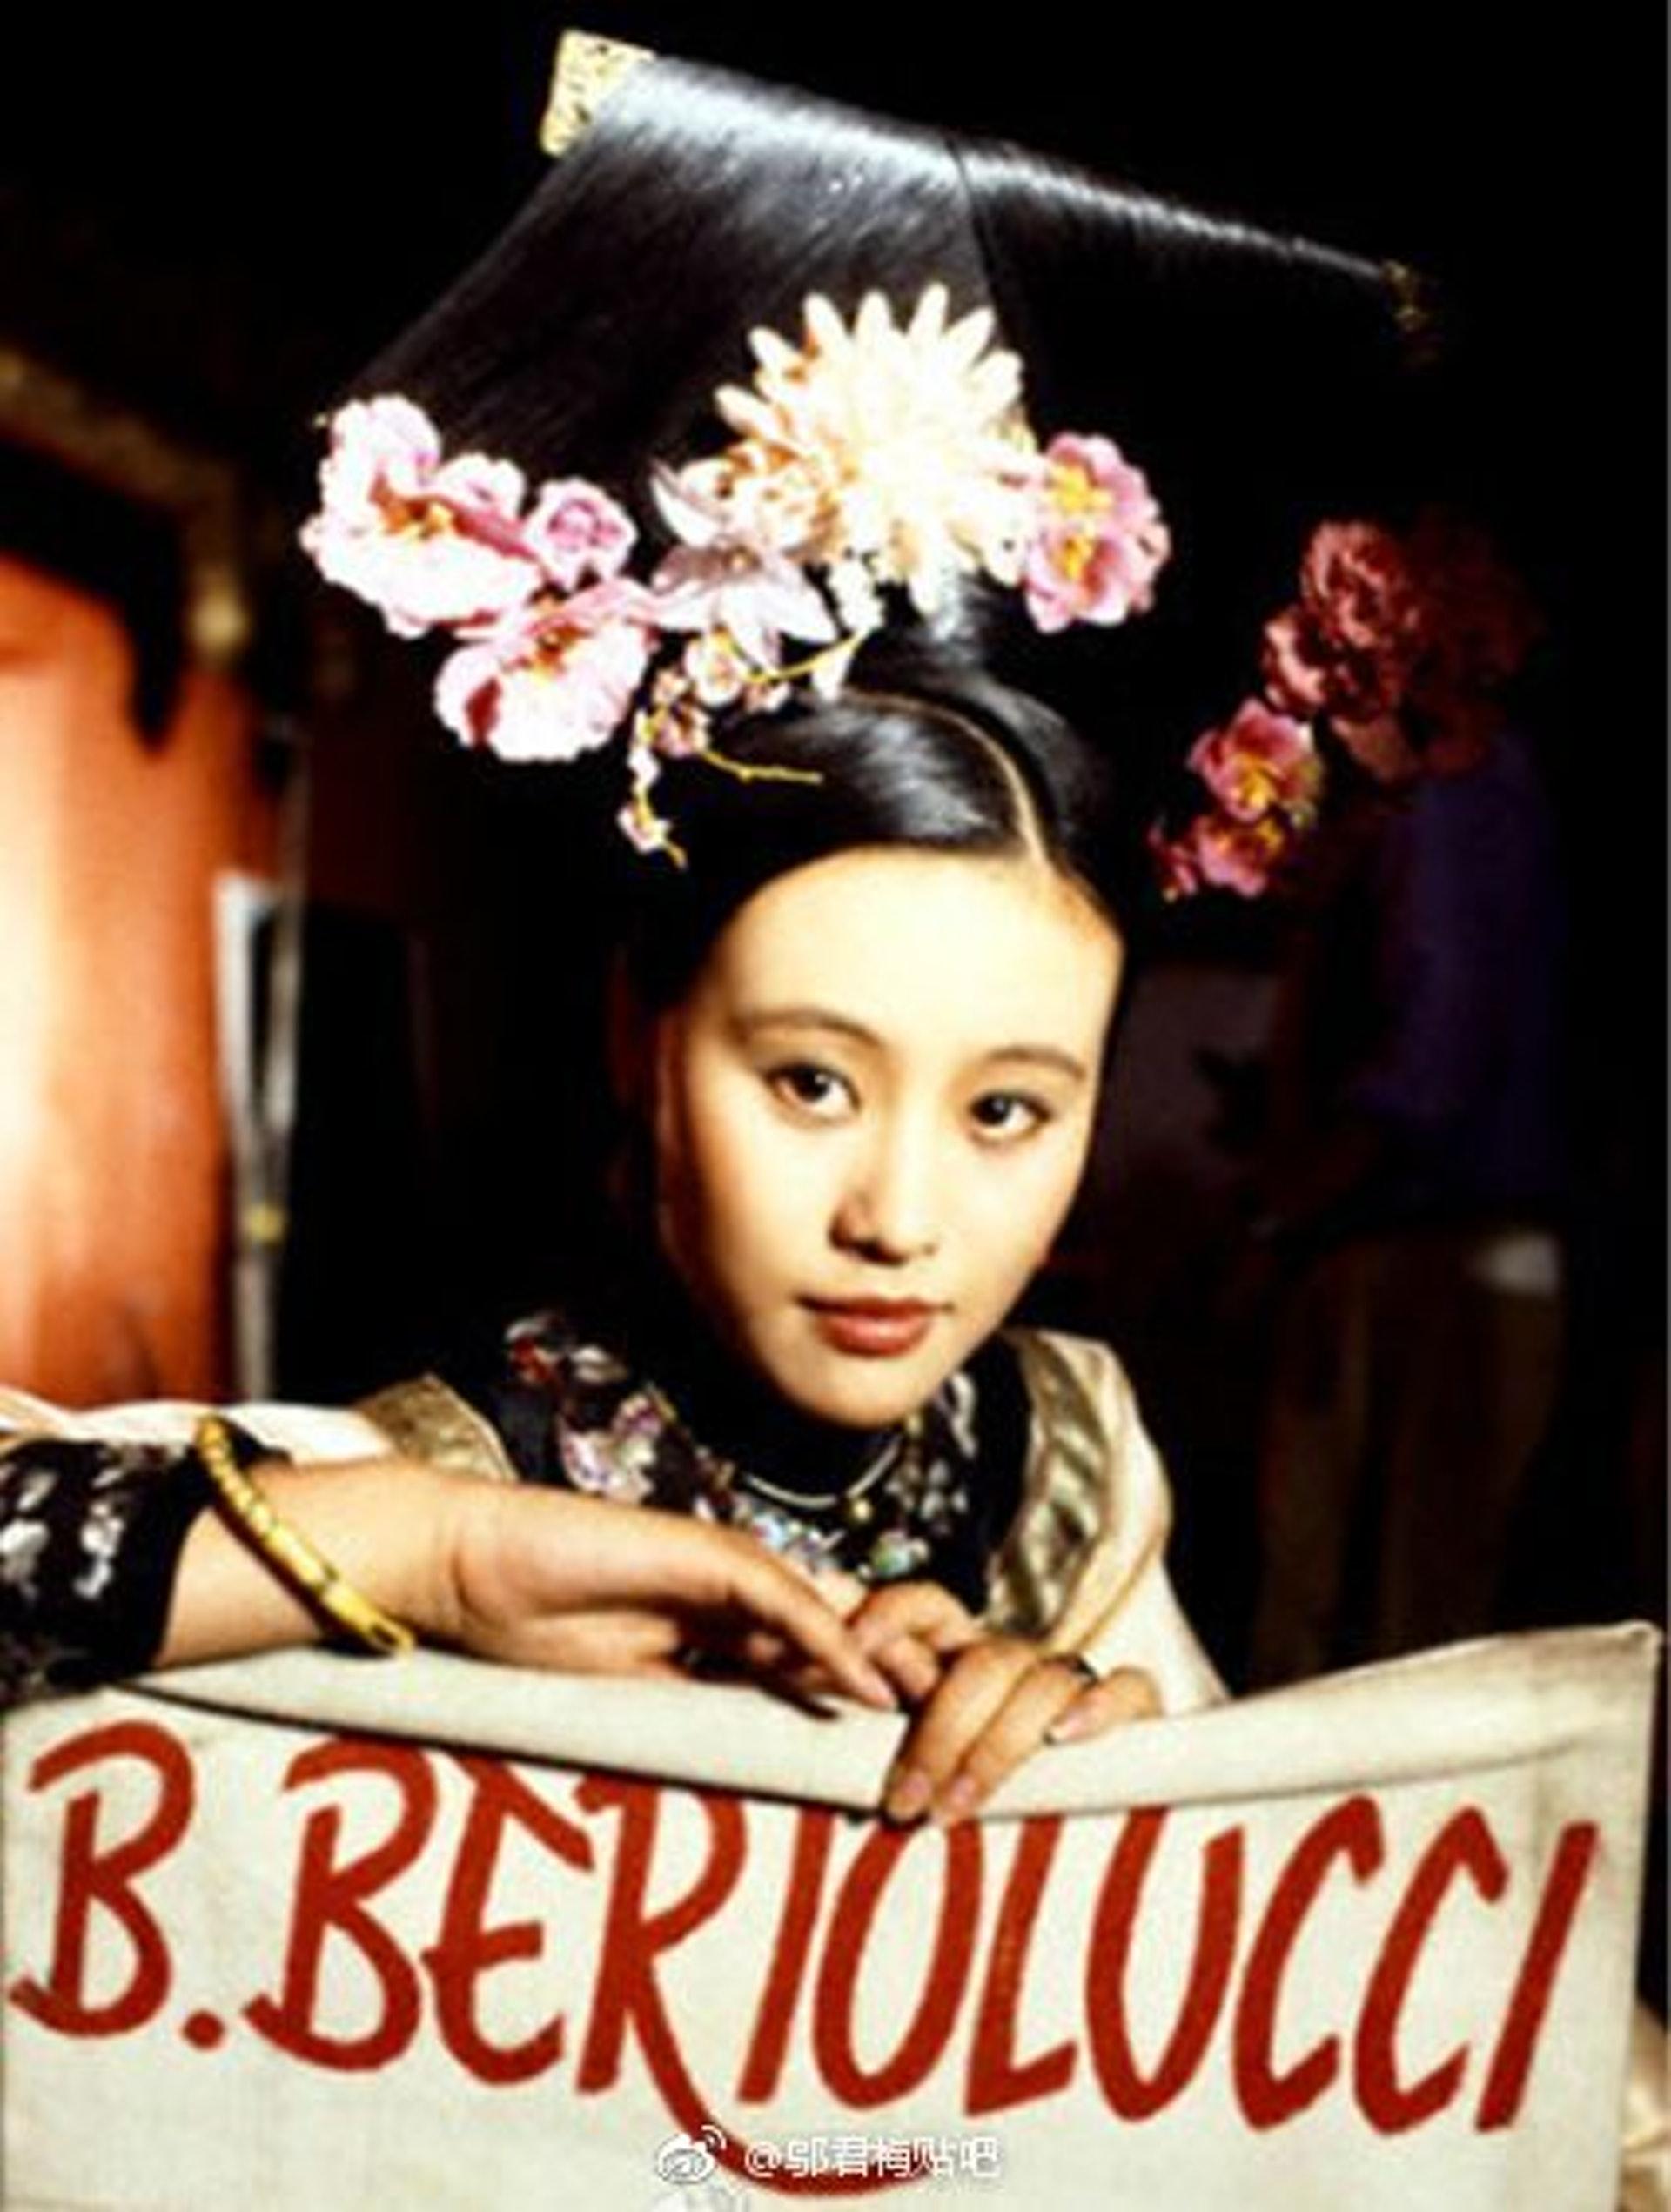 鄔君梅憑《末代皇帝》成功打響國際知名度。(《末代皇帝》劇照)